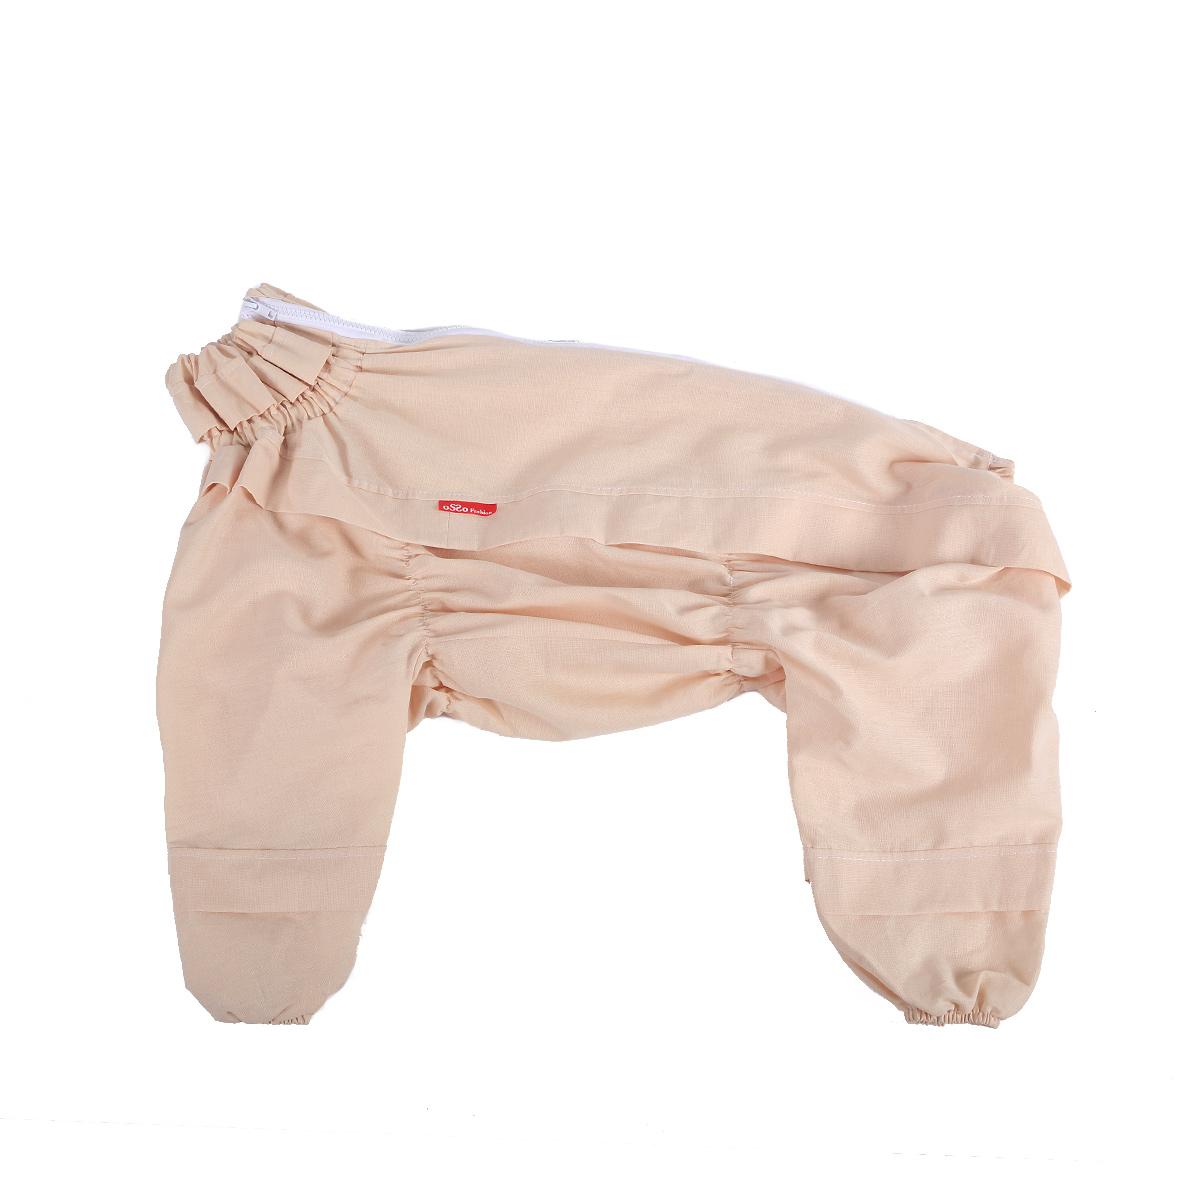 Комбинезон для собак OSSO Fashion, от клещей, для мальчика, цвет: бежевый. Размер 60Кк-1010Комбинезон для собак OSSO Fashion изготовлен из 100% хлопка, имеет светлую расцветку, на которой сразу будут заметны кровососущие насекомые. Комбинезон предназначен для защиты собак во время прогулок по парку и лесу. Разработан с учетом особенностей поведения клещей. На комбинезоне имеются складки-ловушки на груди, на штанинах, на боках комбинезона и на шее, которые преграждают движение насекомого вверх. Комбинезон очень легкий и удобный. Низ штанин на резинке, на спине застегивается на молнию.Длина спинки: 60 см.Объем груди: 68-104 см.